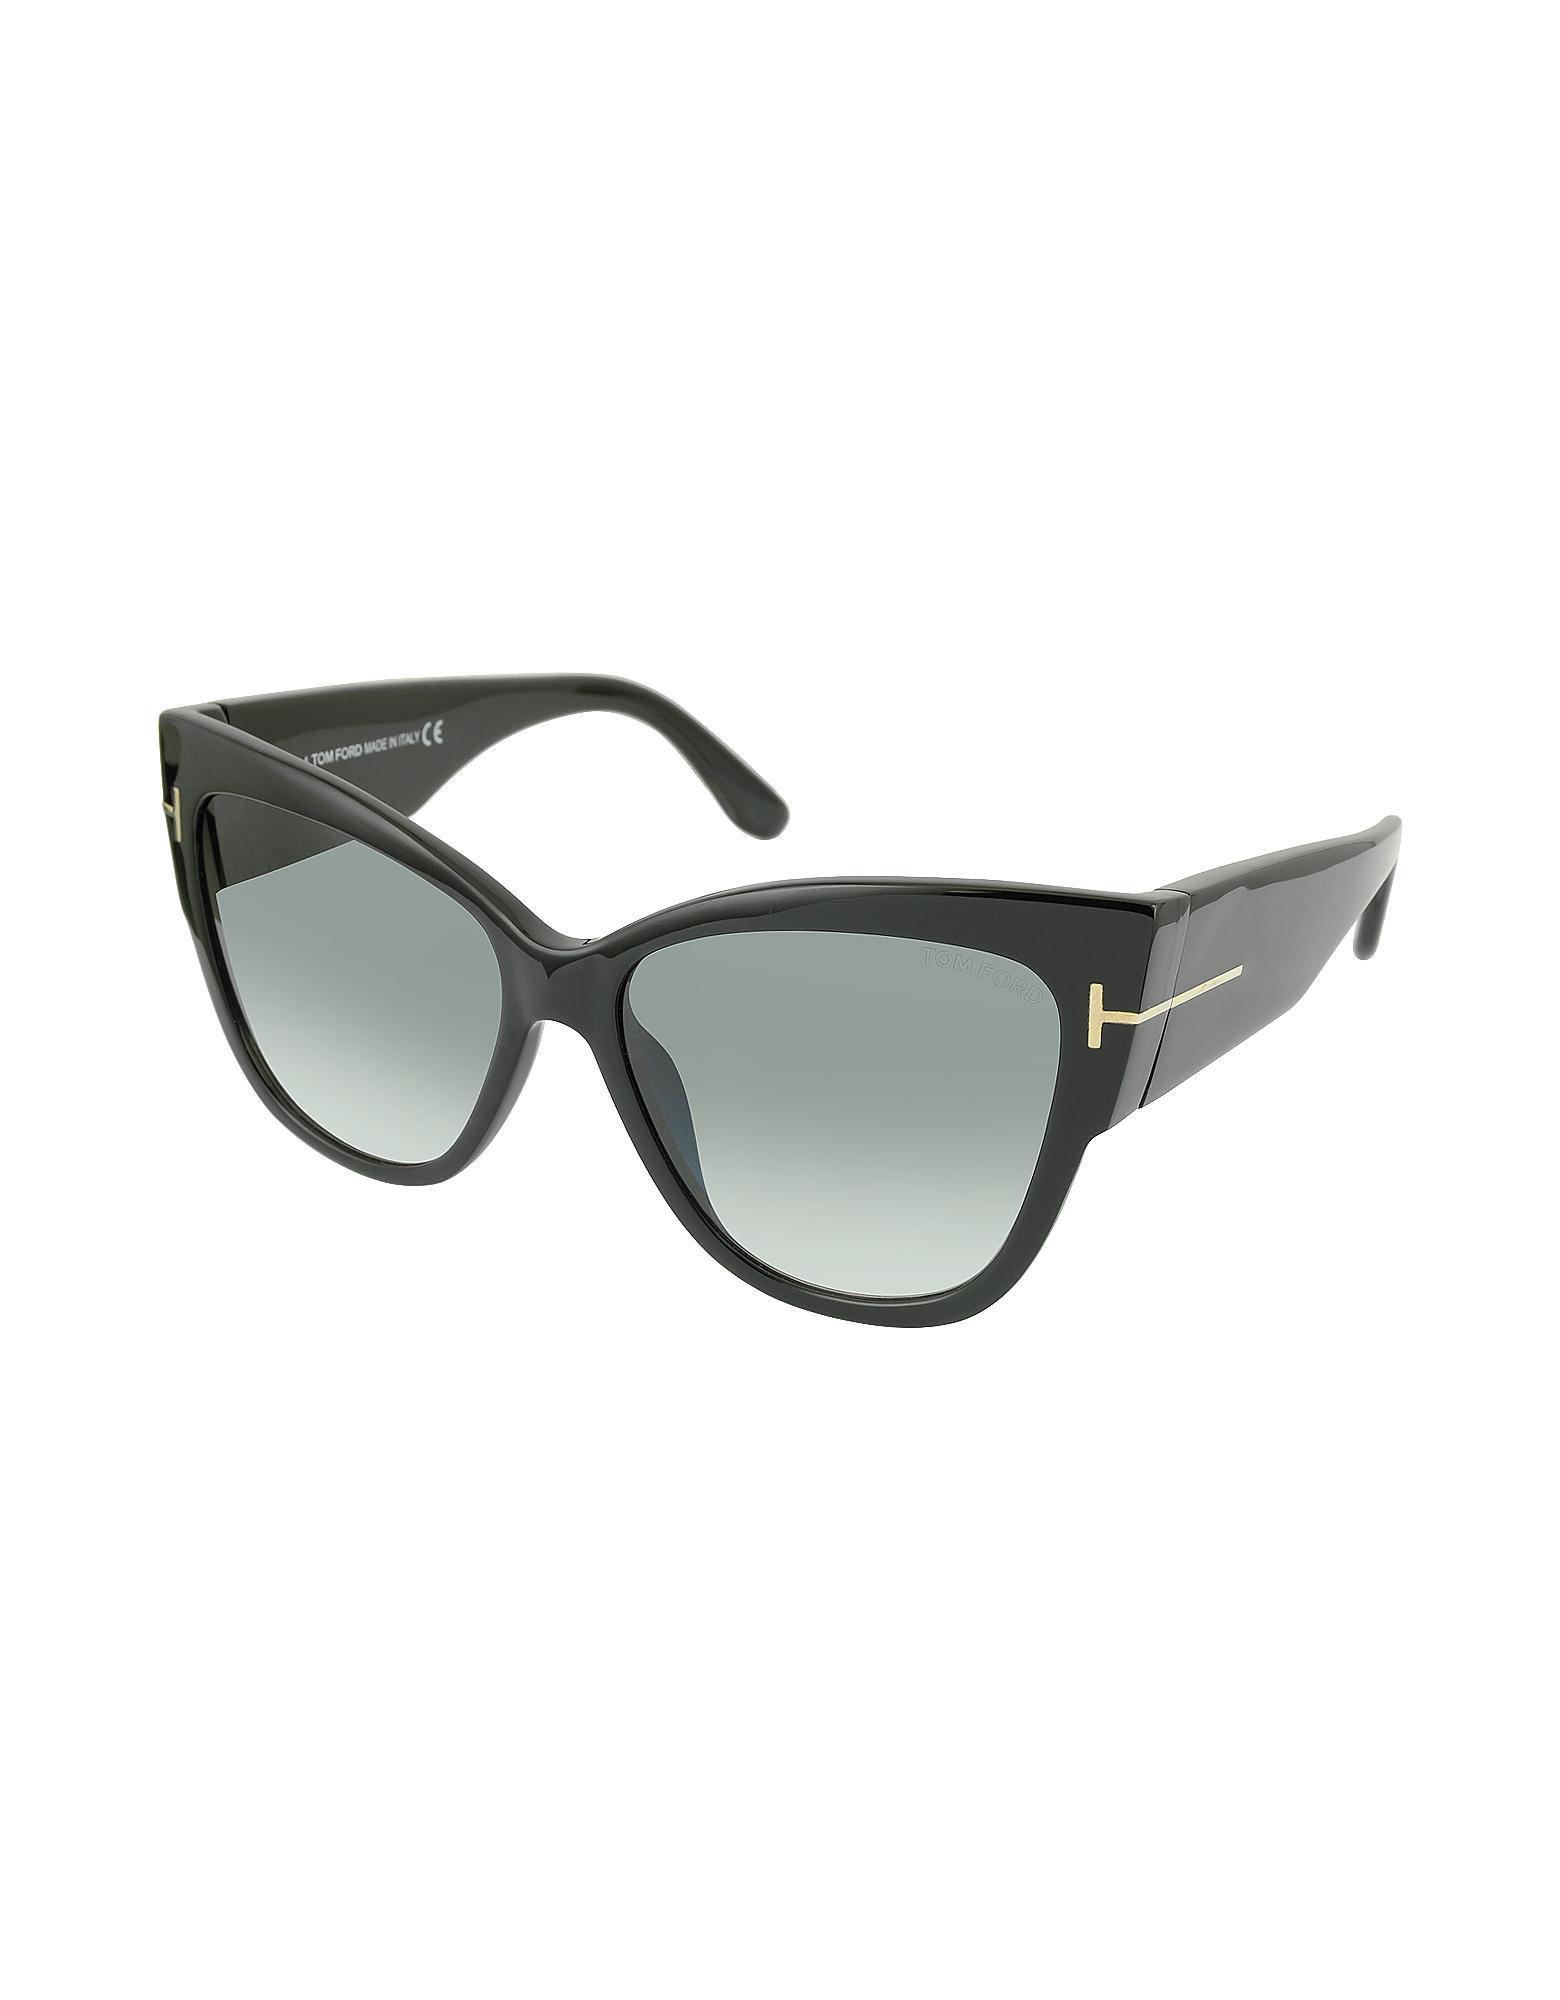 2e92436ee1 Tom Ford Anoushka Ft0371 01b Black Cat Eye Sunglasses in Black - Lyst